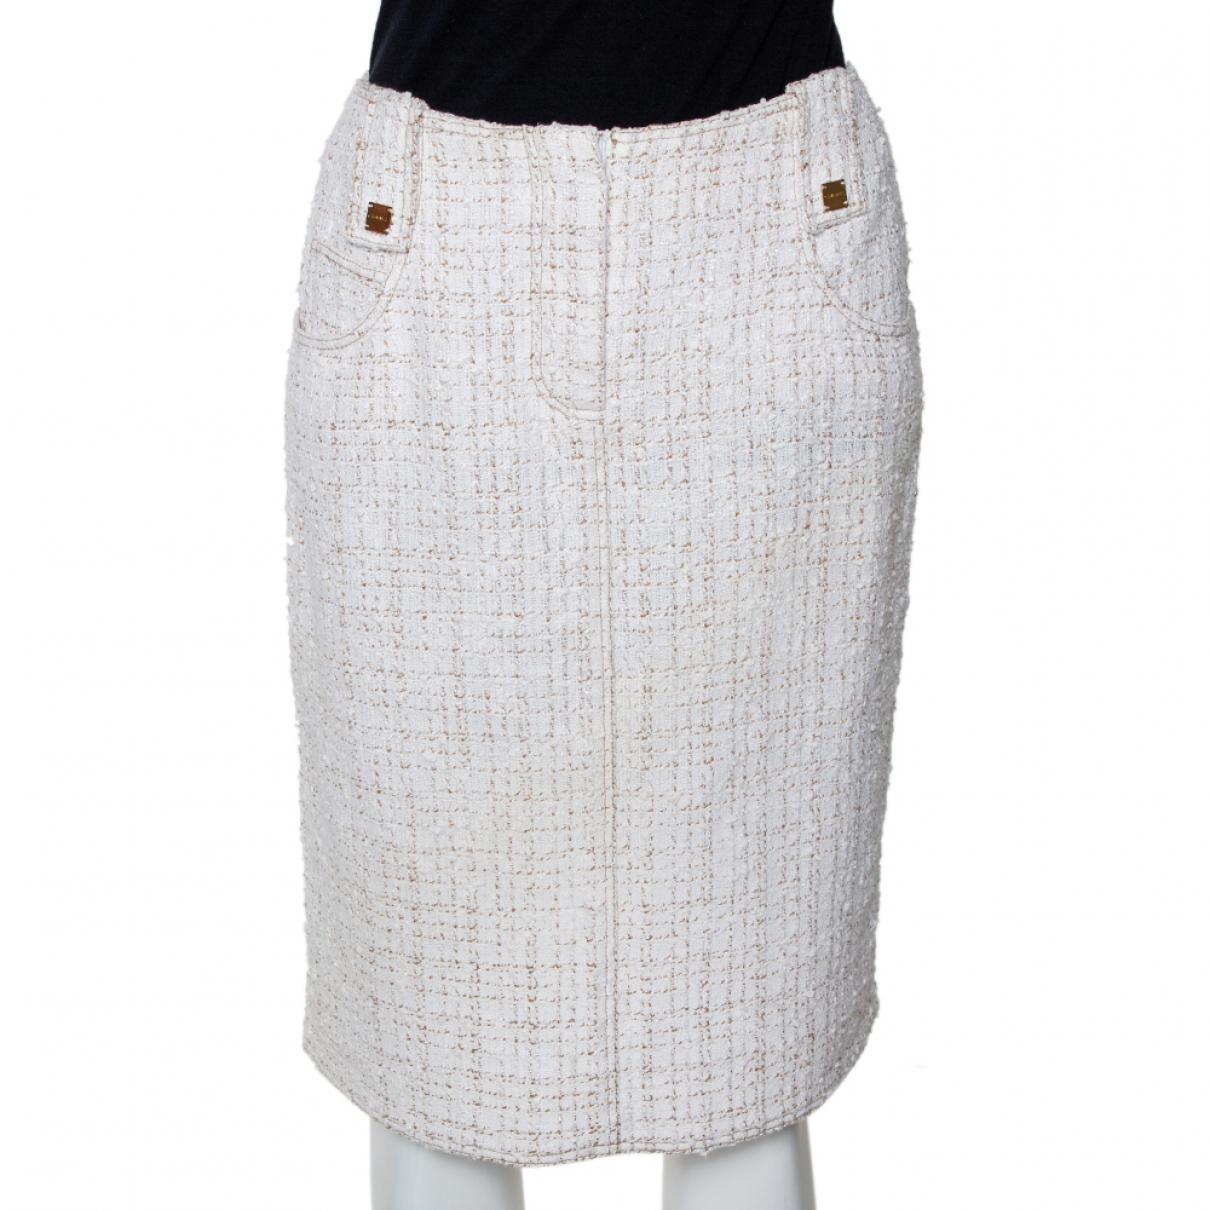 Chanel \N White Cotton skirt for Women M International